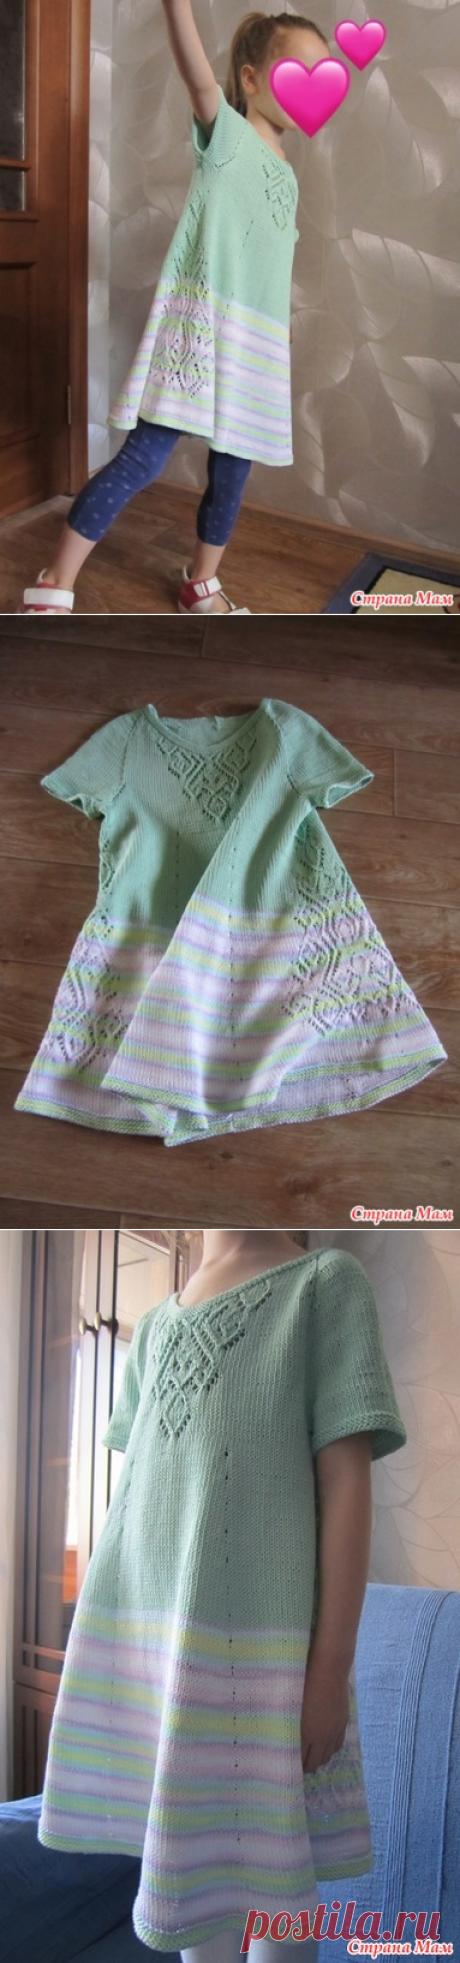 платье Лесная песня от elissiya - Вязание спицами - Страна Мам